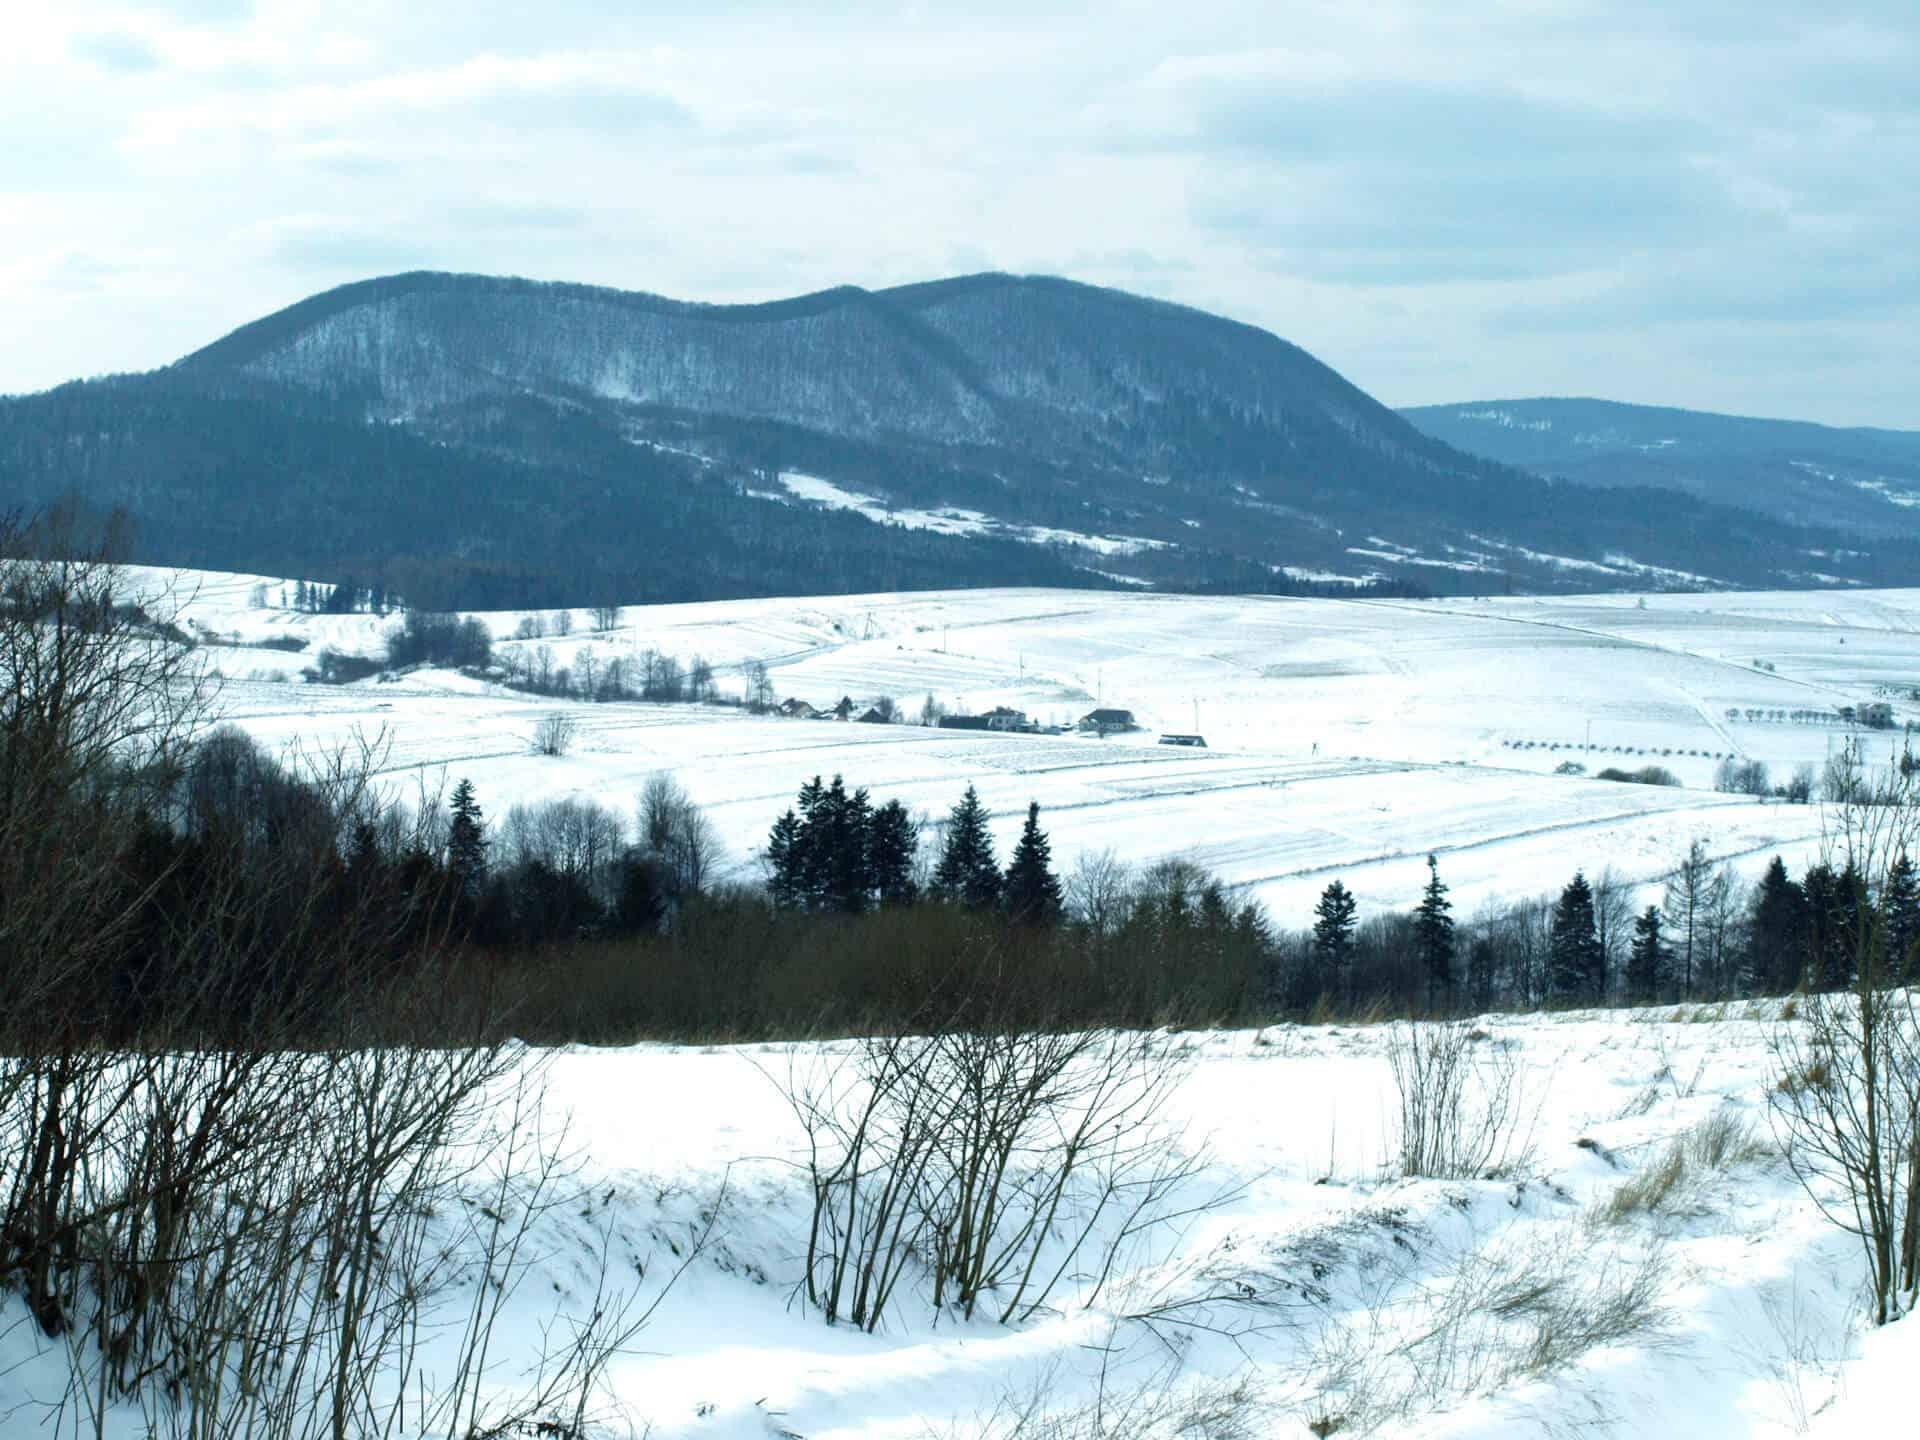 Zimowy krajobraz i góra Cergowa w tle